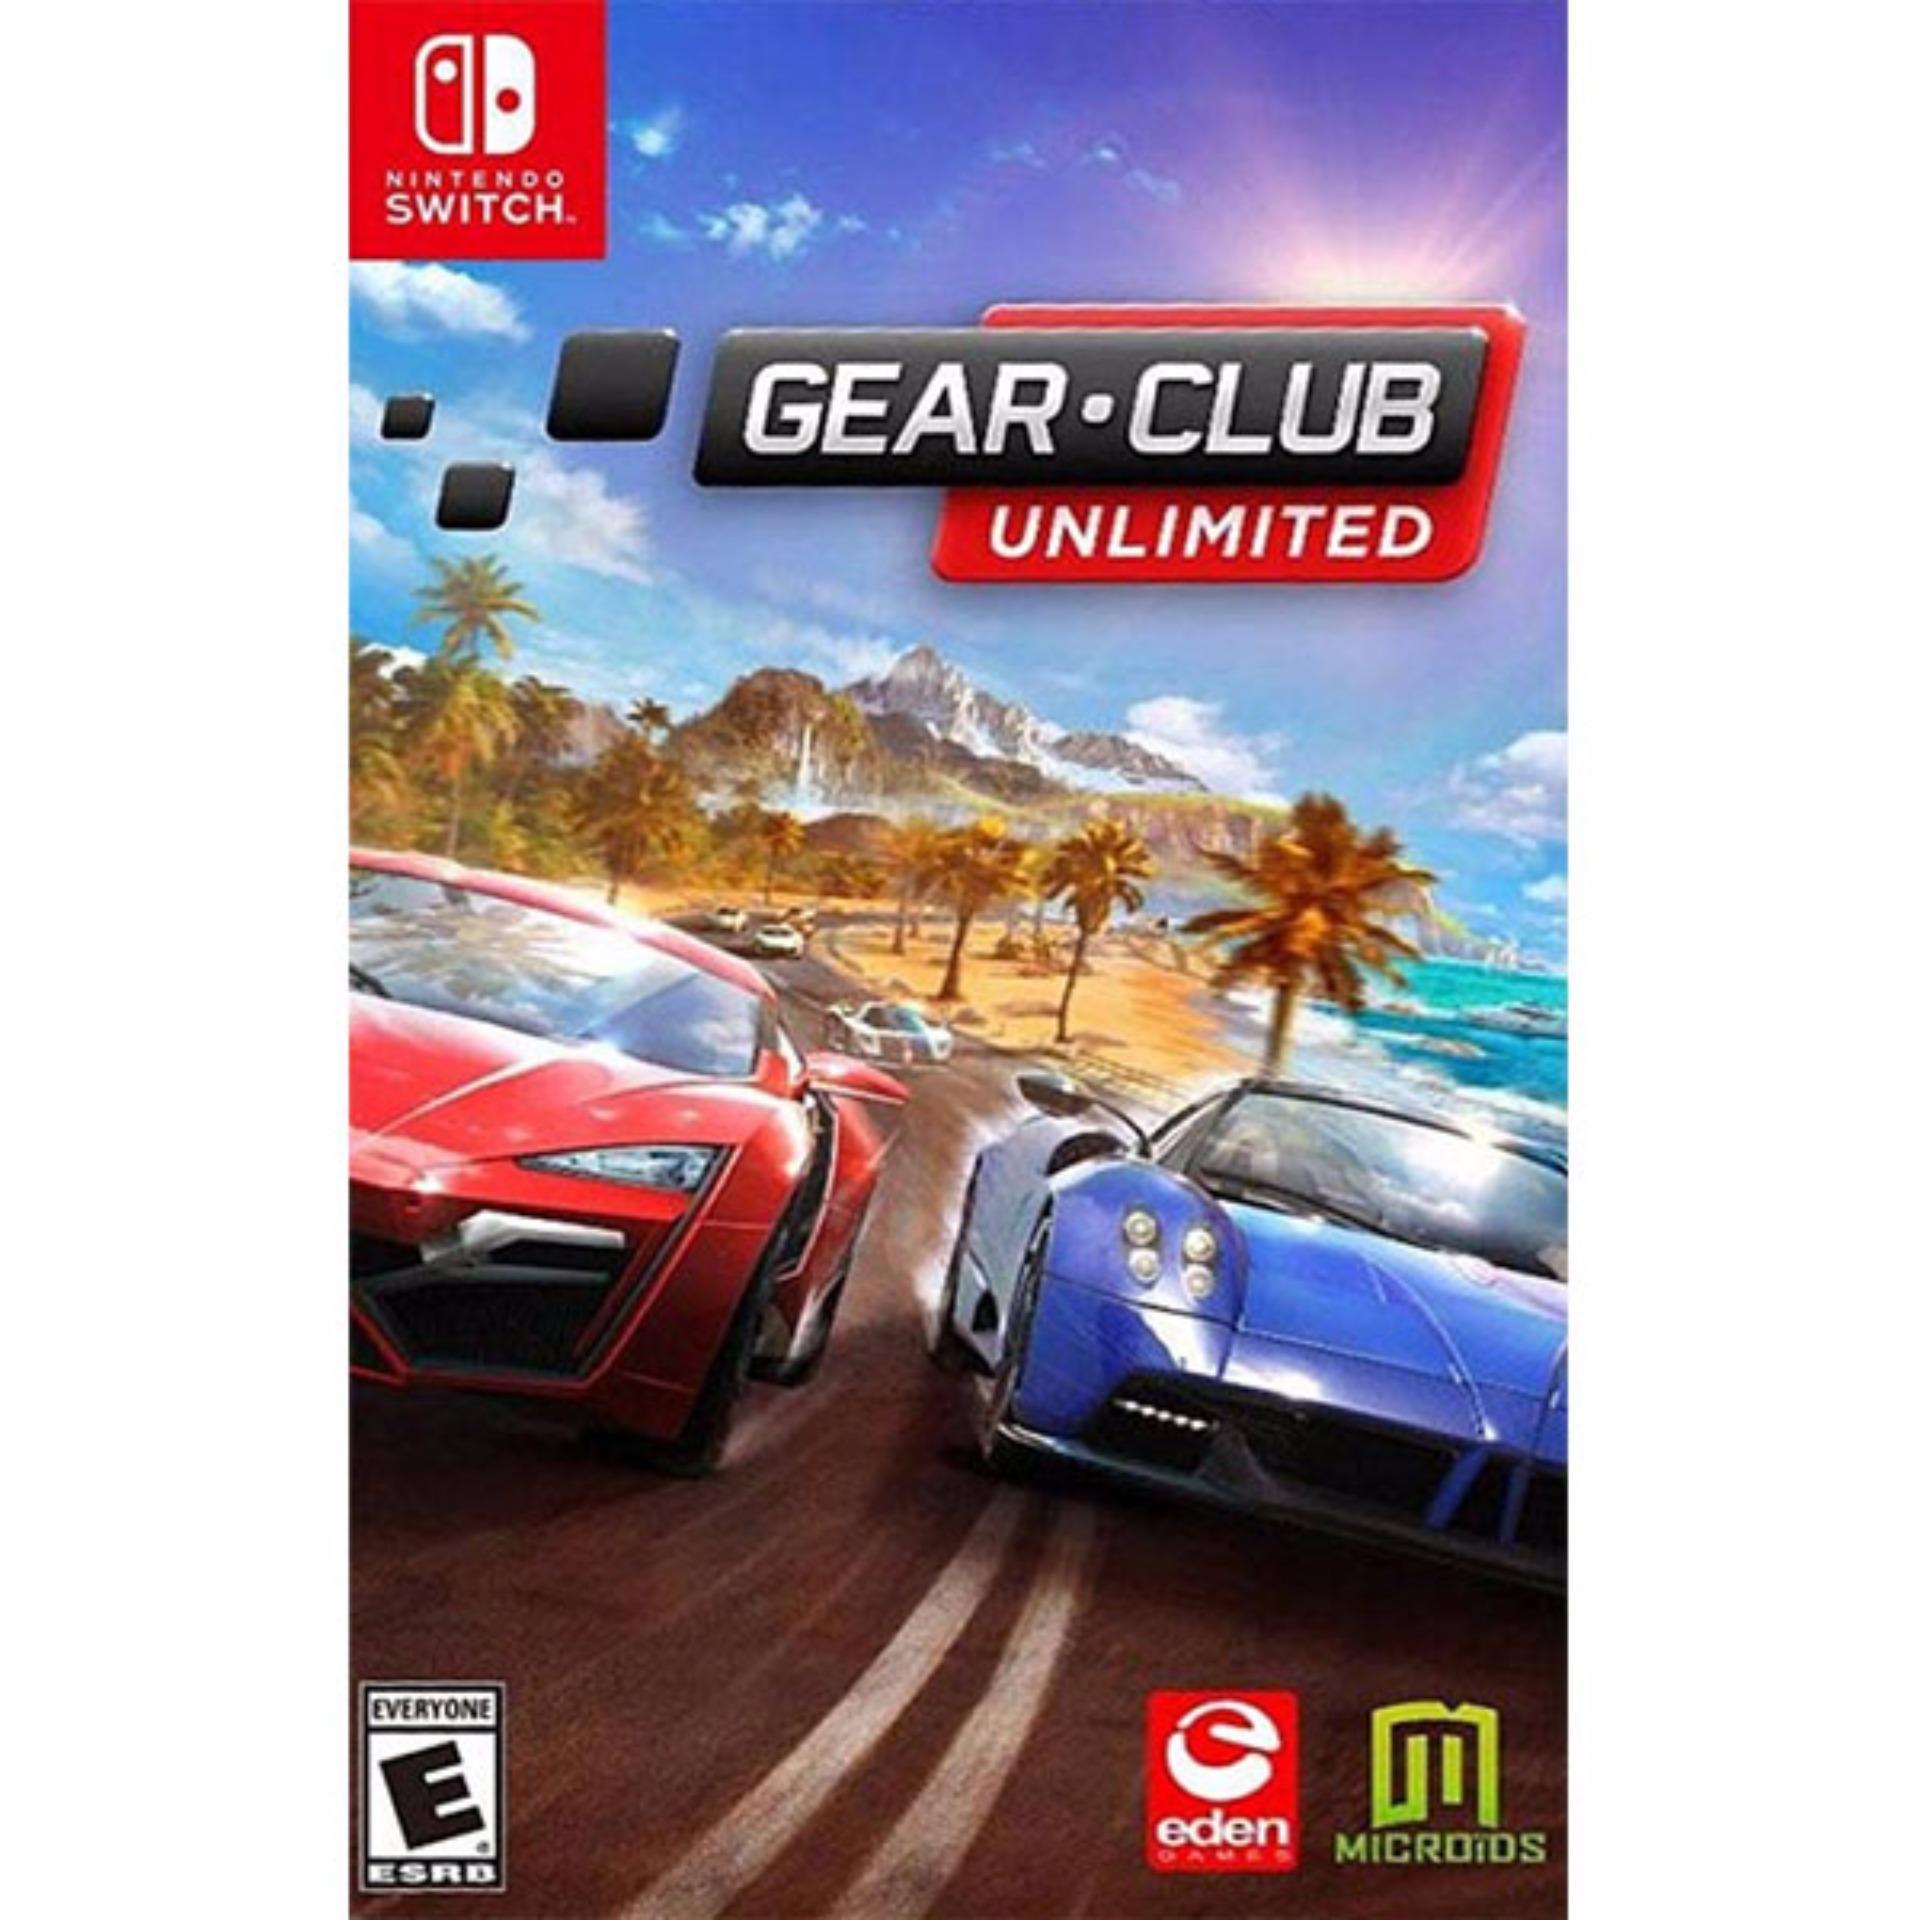 Nintendo Switch Gear Club Unlimited